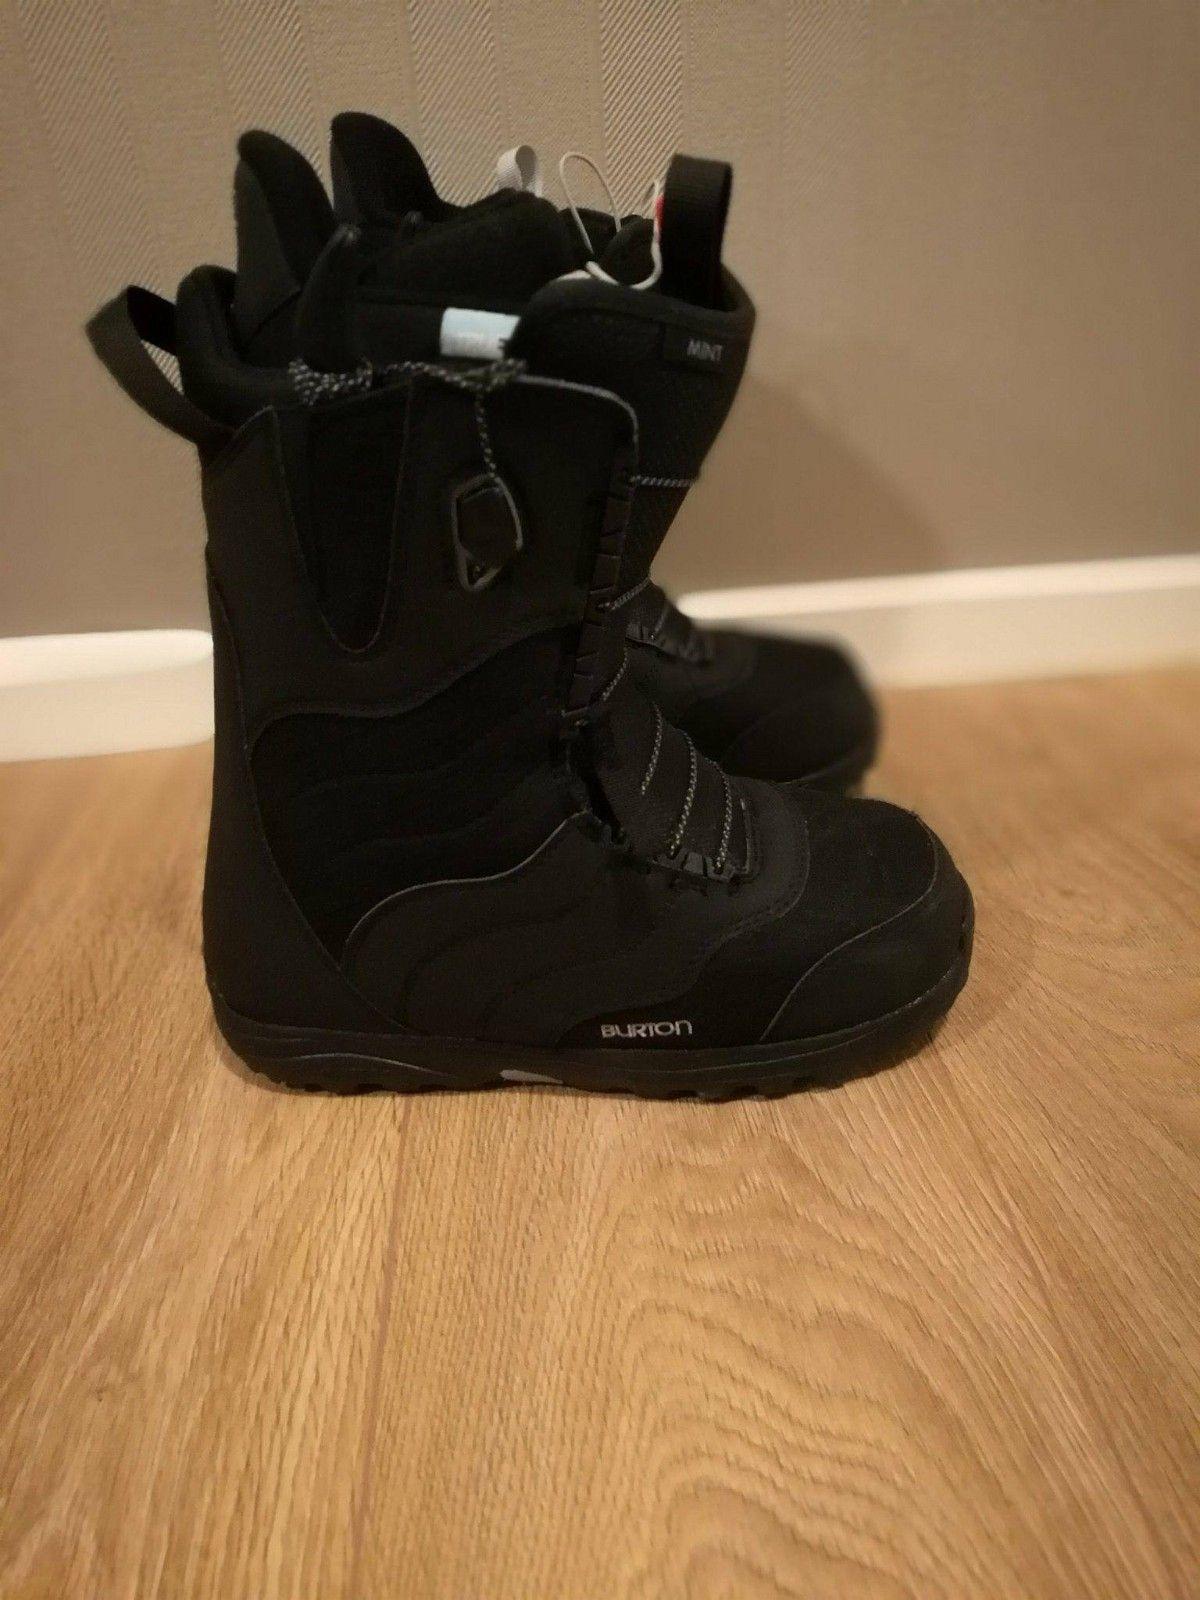 Mint burton boots (Svart) - ågotnes  - Mint burton skoene ble kjøpt i år. Er brukt en ganger denne sesongen, men må selges på grunn av feil størrelsen.   Kvittering følger med.   Størelse: 40   Ny pris: 2299,- - ågotnes